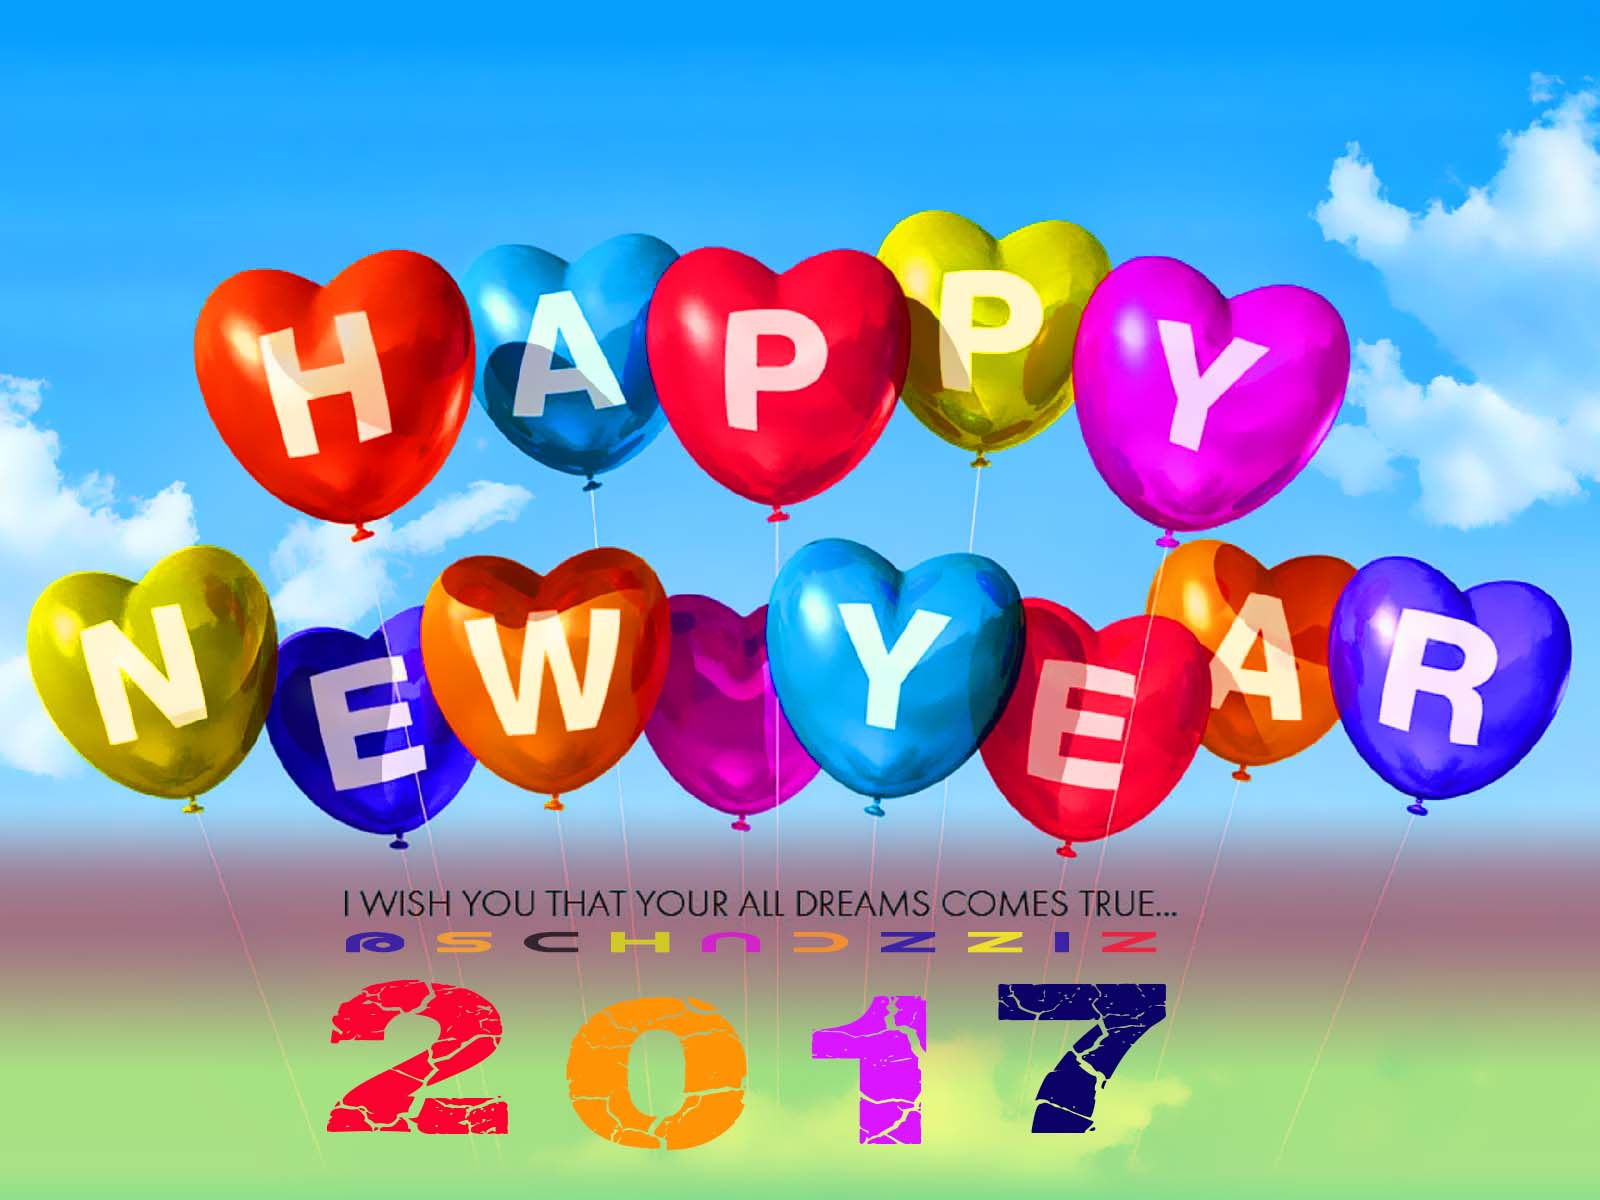 Kumpulan Kata Ucapan Terbaik Menyambut Tahun Baru 2017 Terbaru